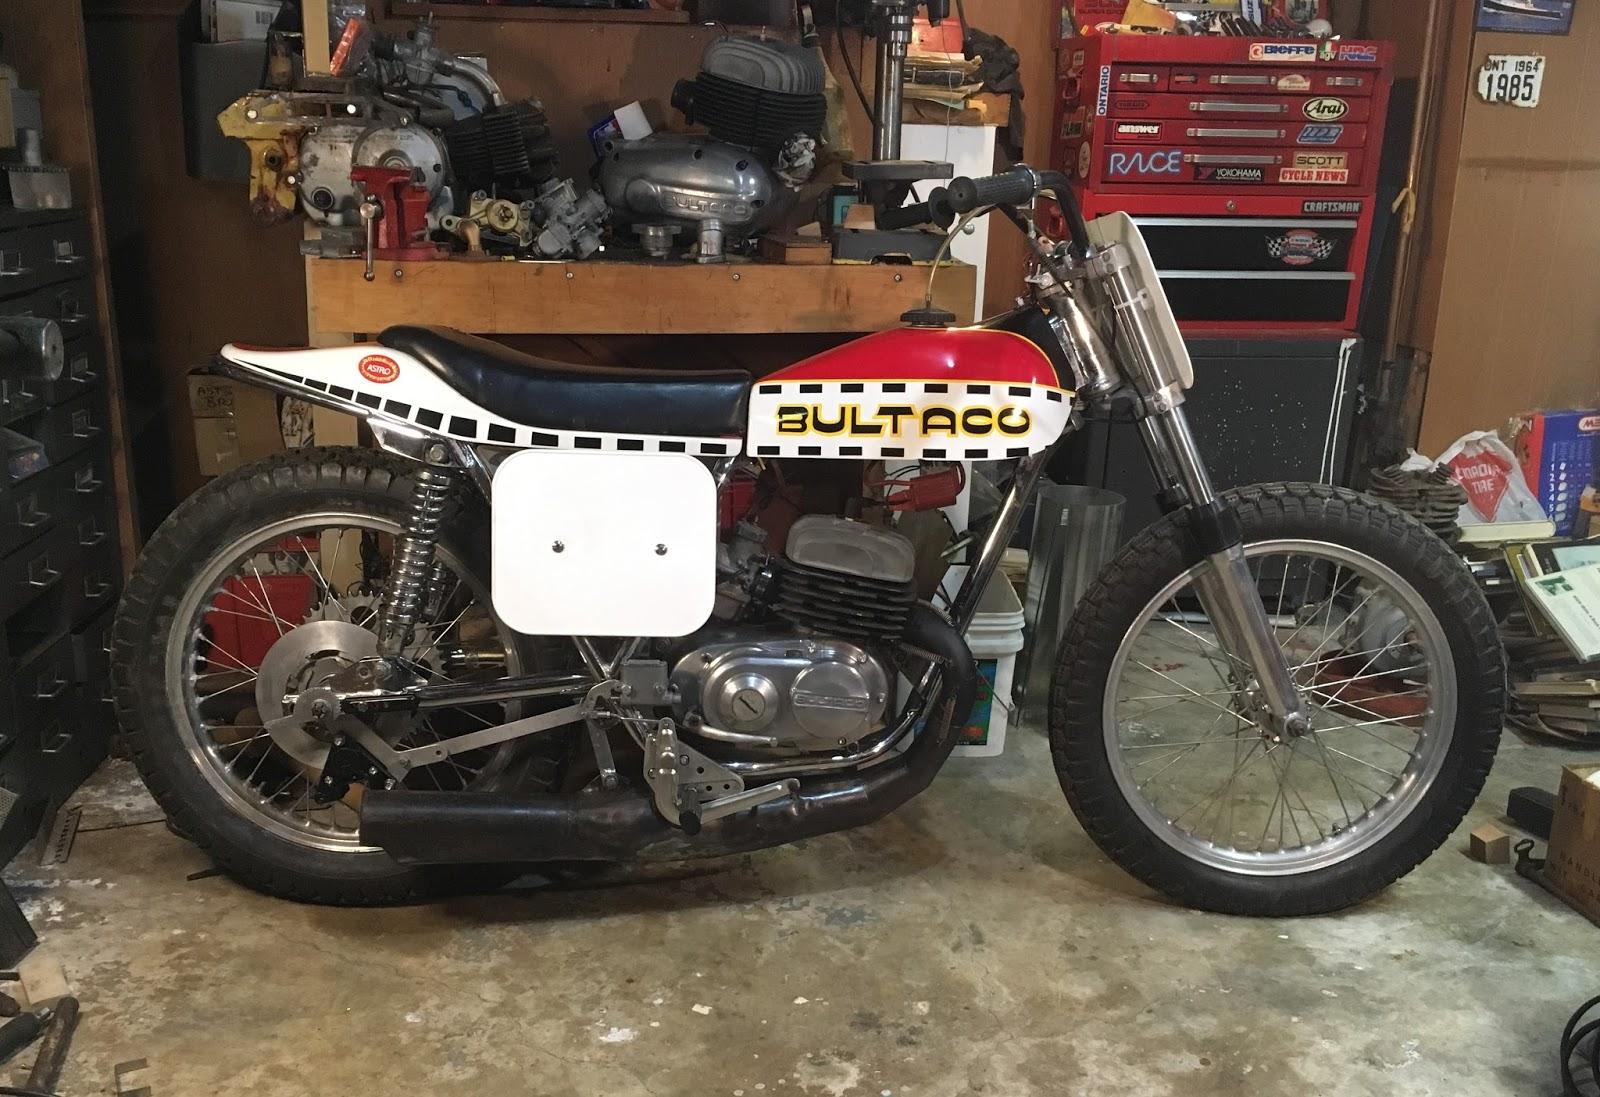 Progress is fine, but it's gone on for too long : Bultaco